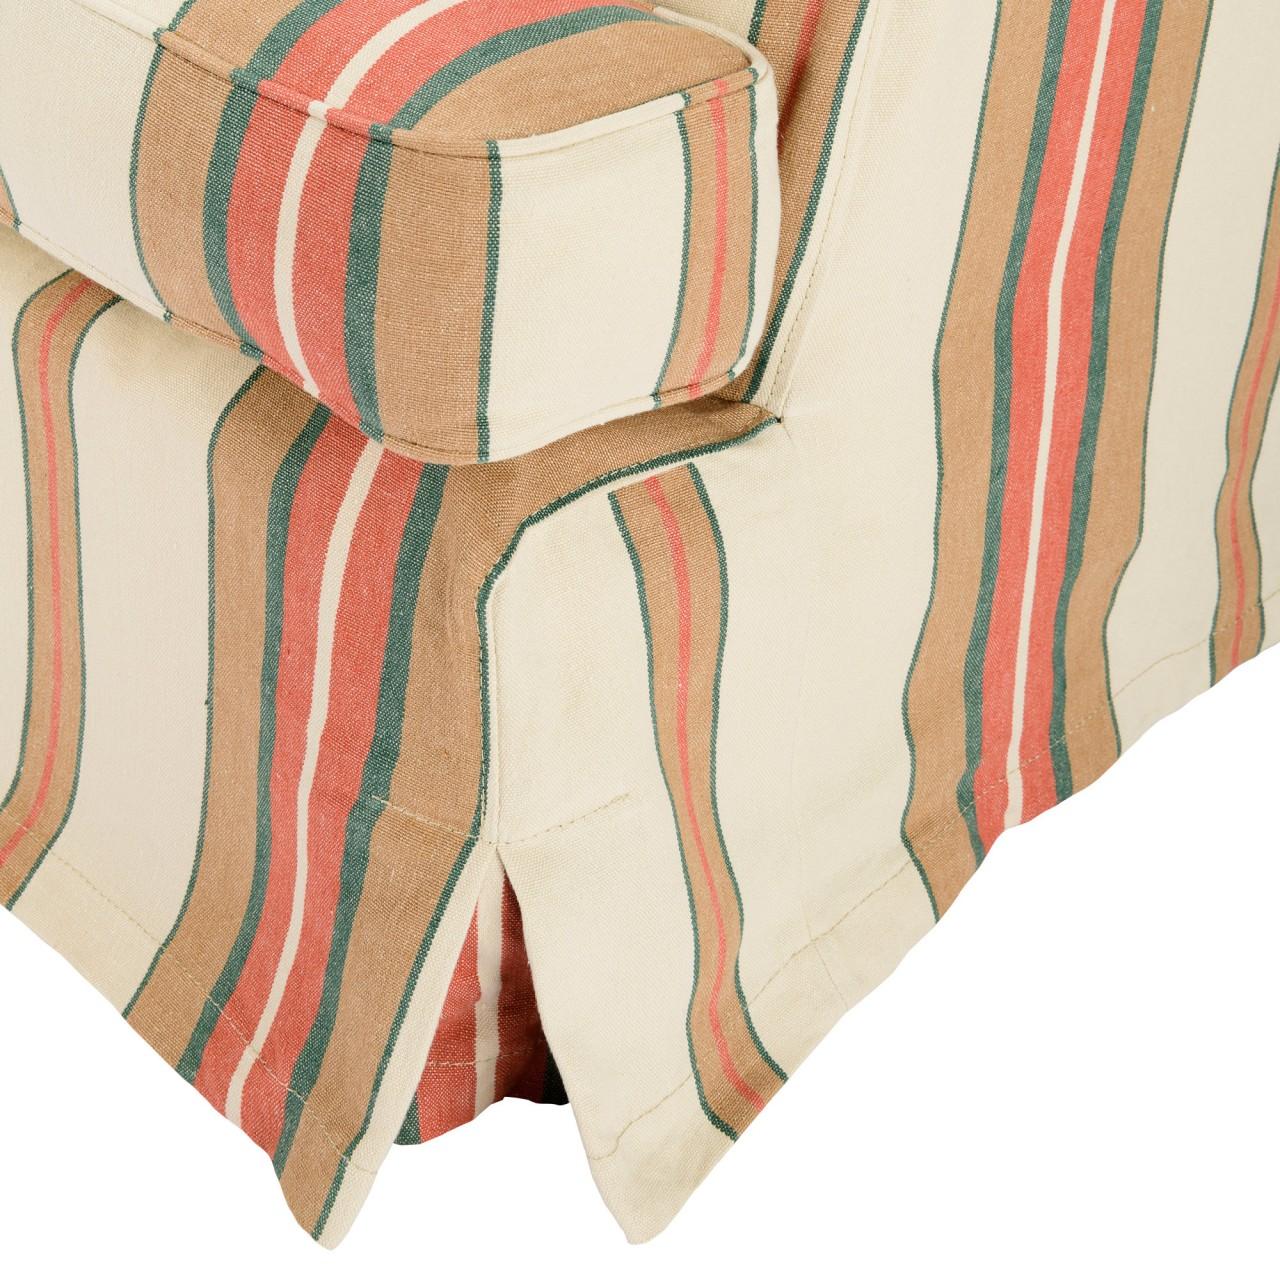 MONTPARNASSE SKIRTED SOFA - HERINA STRIPES Linen